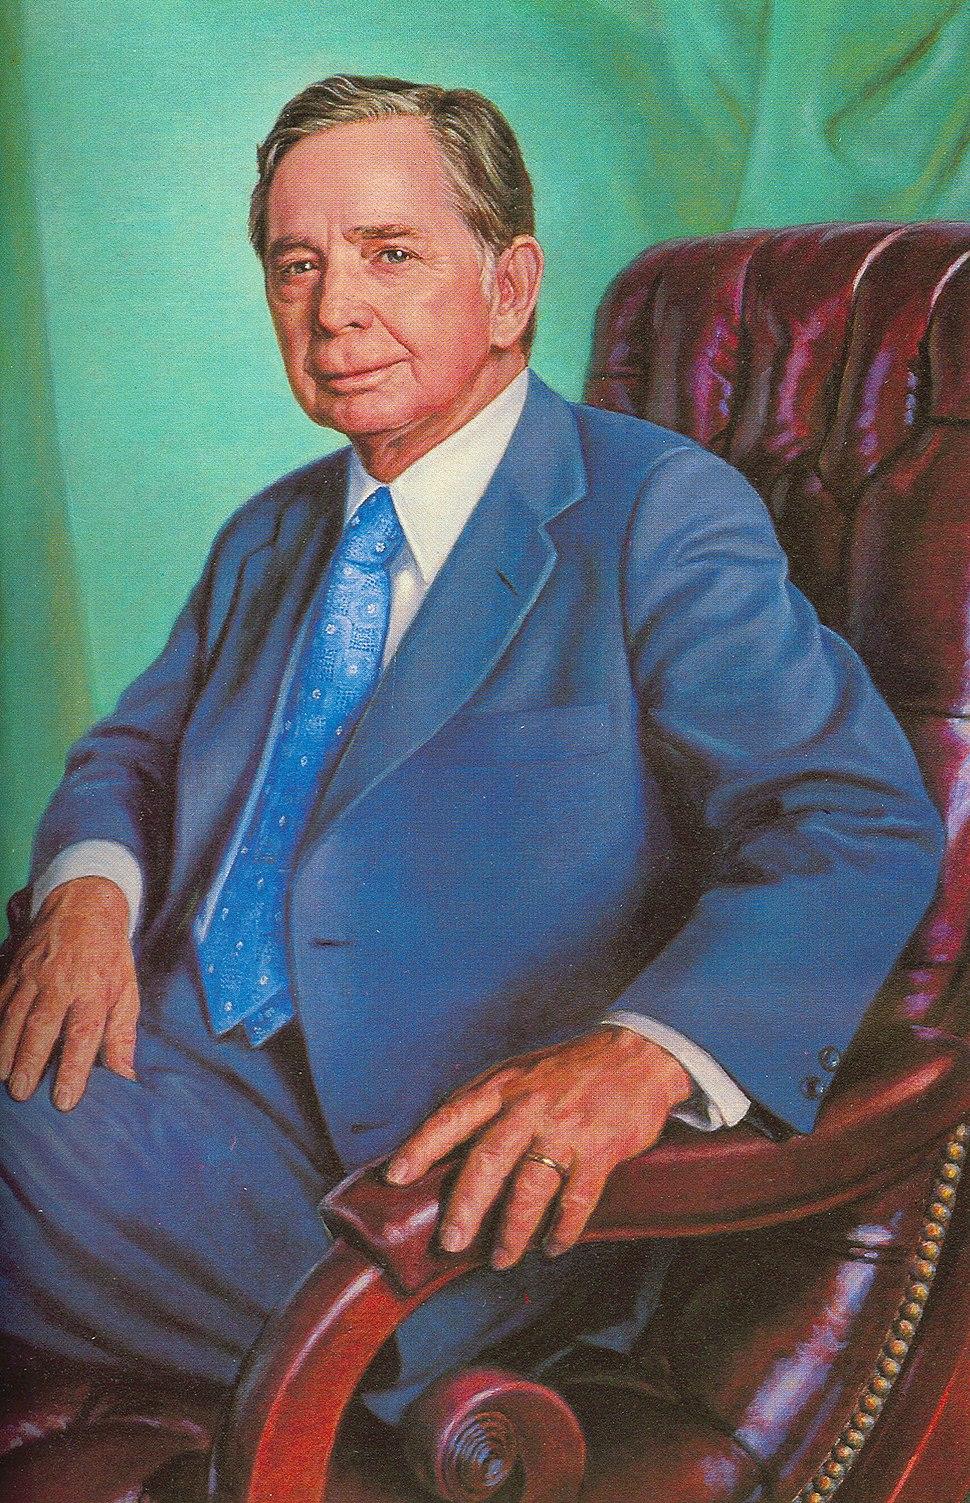 Speaker Albert - portrait